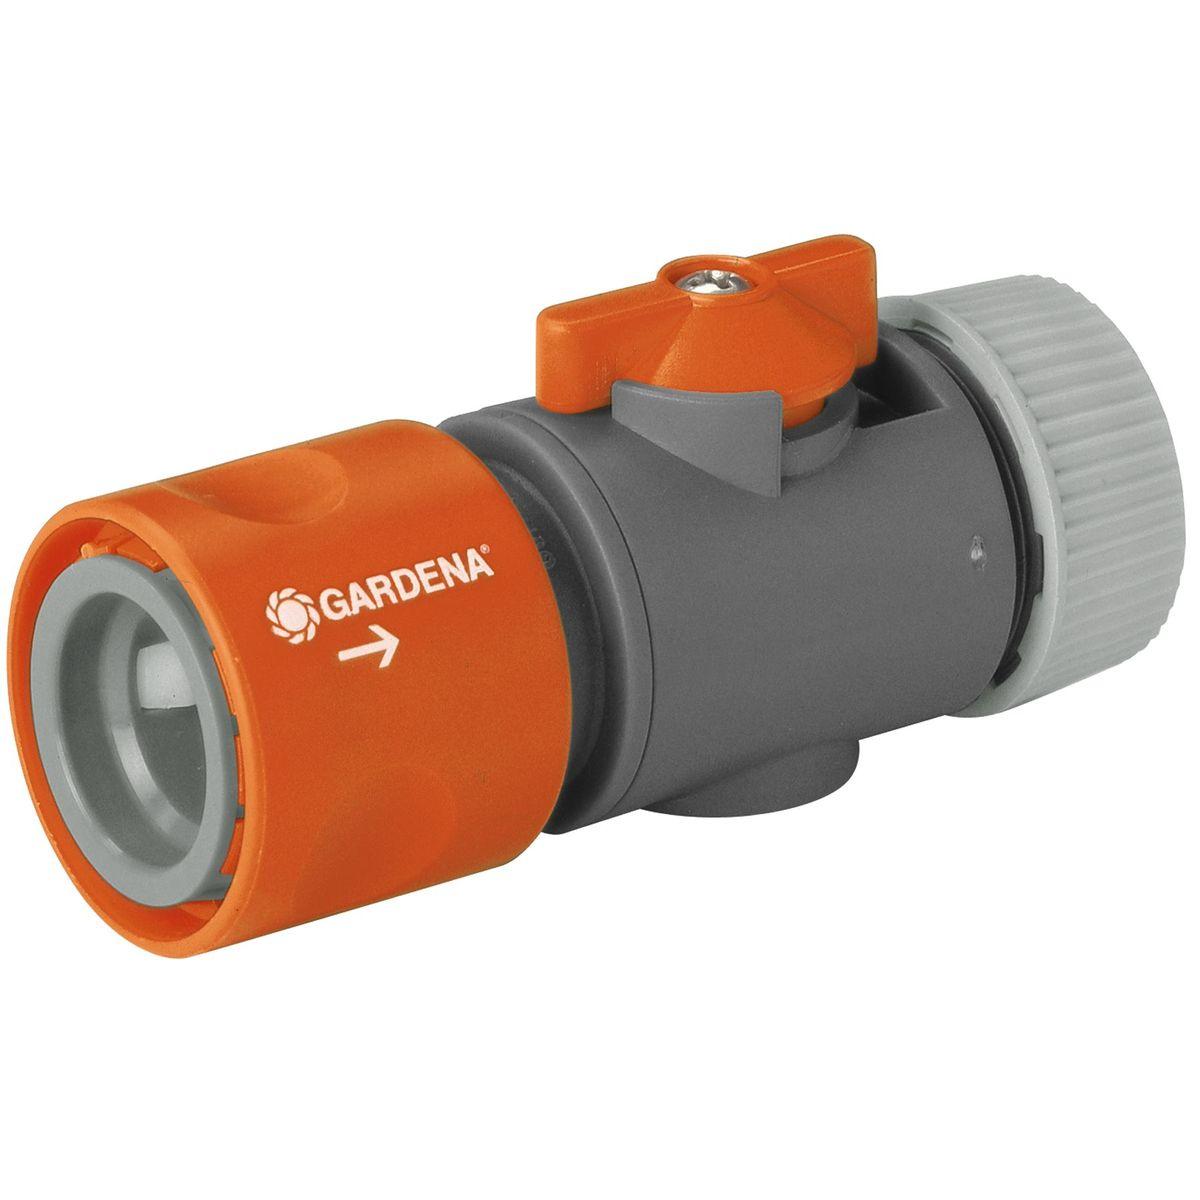 Коннектор с регулятором Gardena, 1/22.645-226.0Коннектор Gardena это ручной регулятор интенсивности и отключения воды. Удобен при смене насадок без выключения крана, особенно для систем с большим напором.